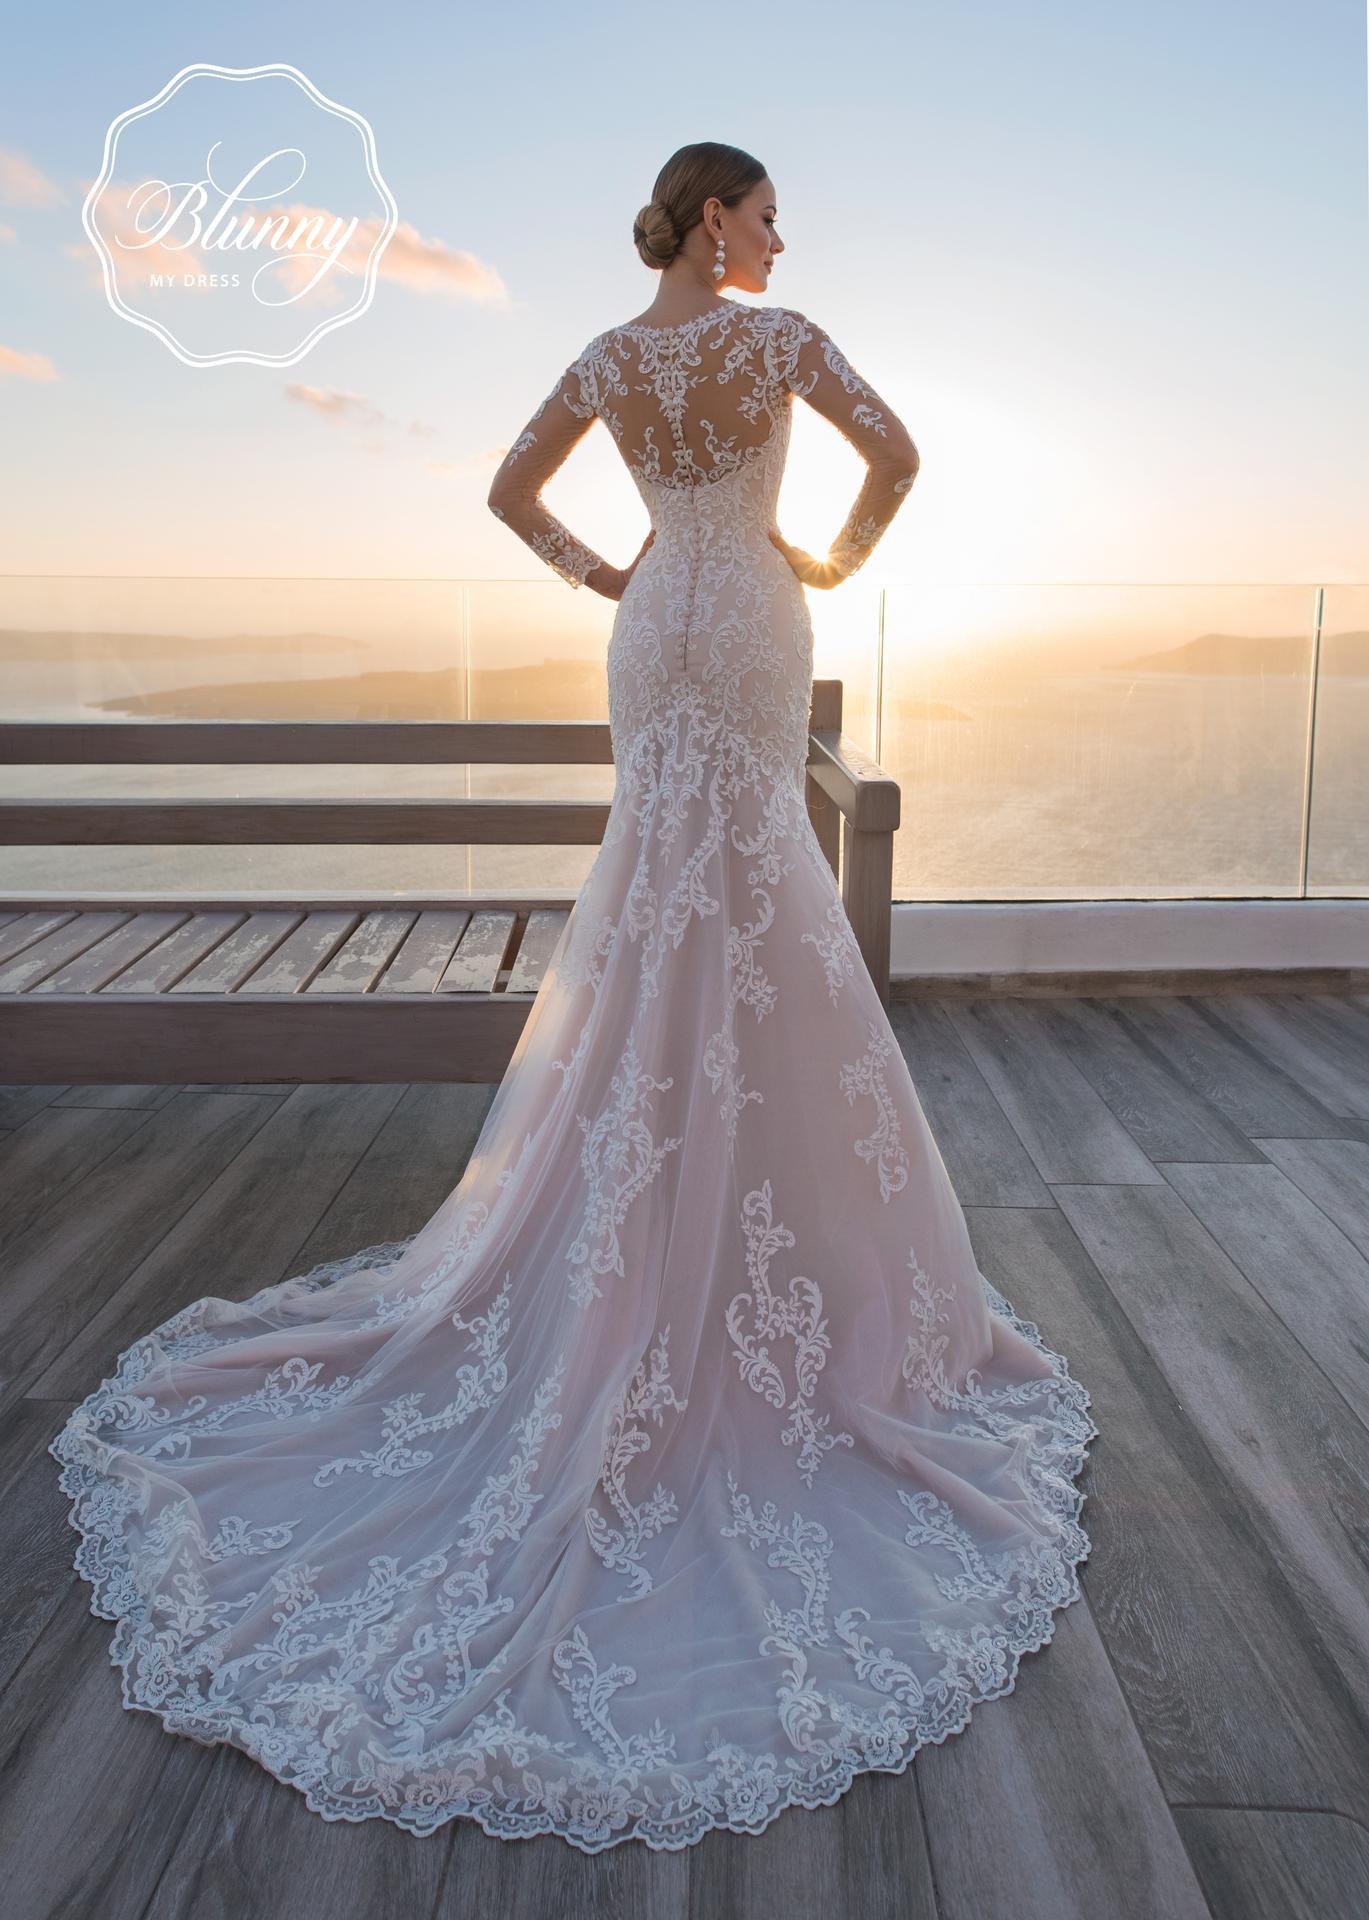 Viac úžasných modelov nájdete aj na našich FB stránkach :) https://www.facebook.com/salonweda - Obrázok č. 3